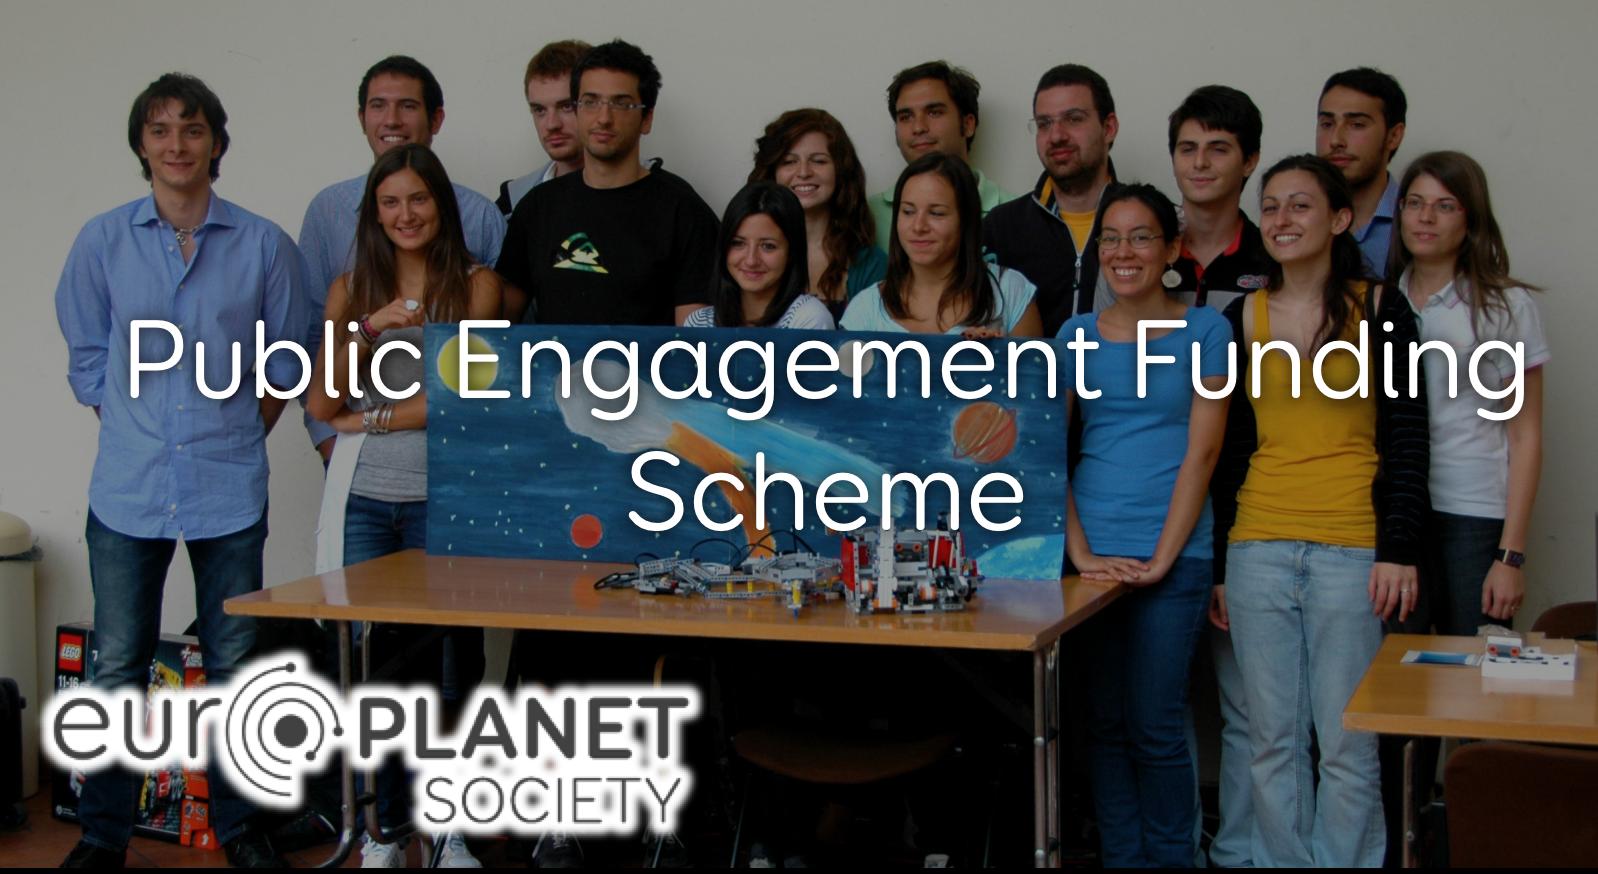 Δράσεις Χρηματοδότησης από το Europlanet για ενασχόληση του κοινού με τις Πλανητικές Επιστήμες